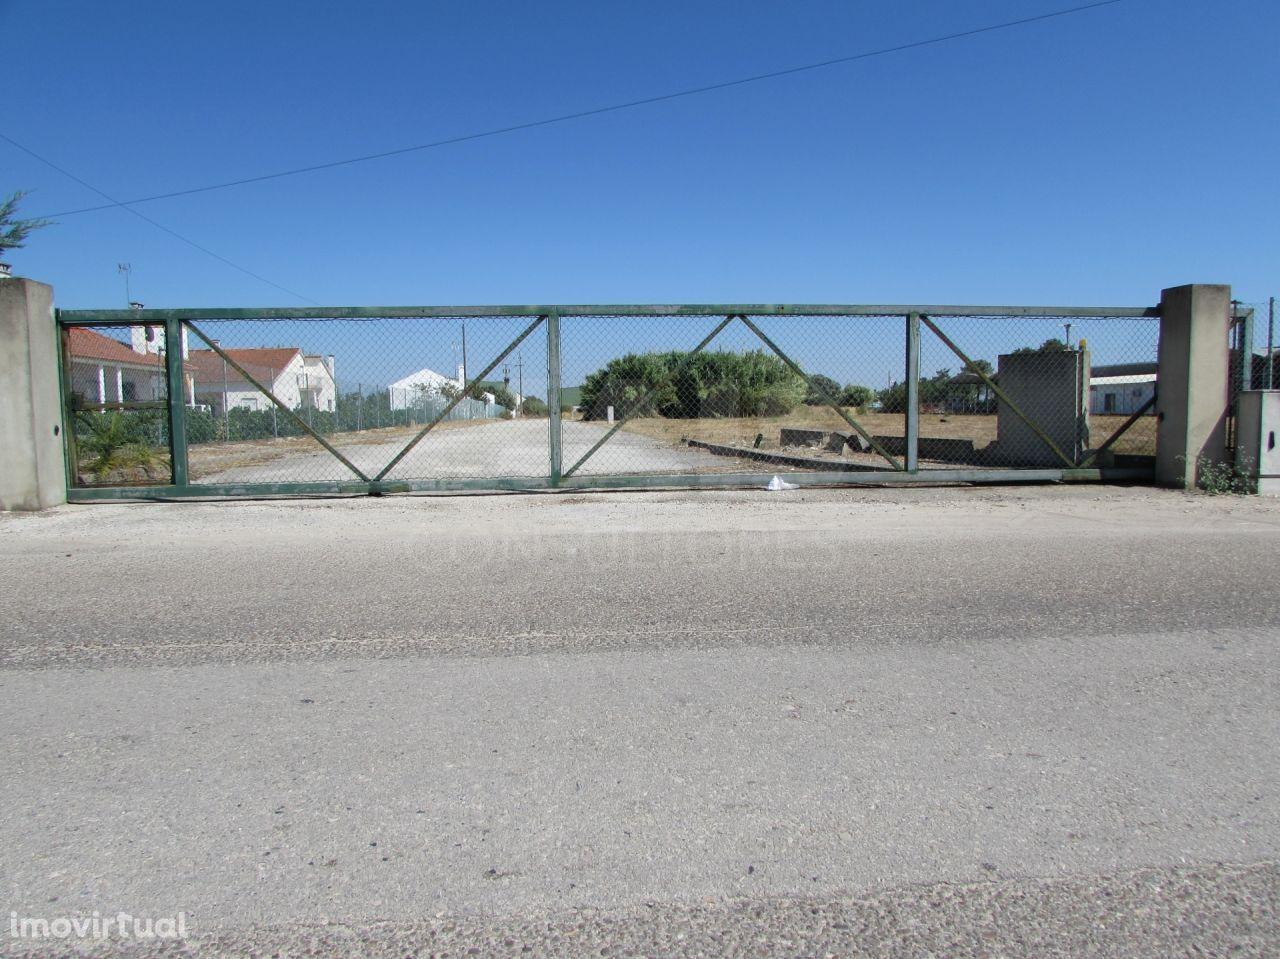 Oportunidade de Negócio Terreno Industrial em Benavente 12.800 m2